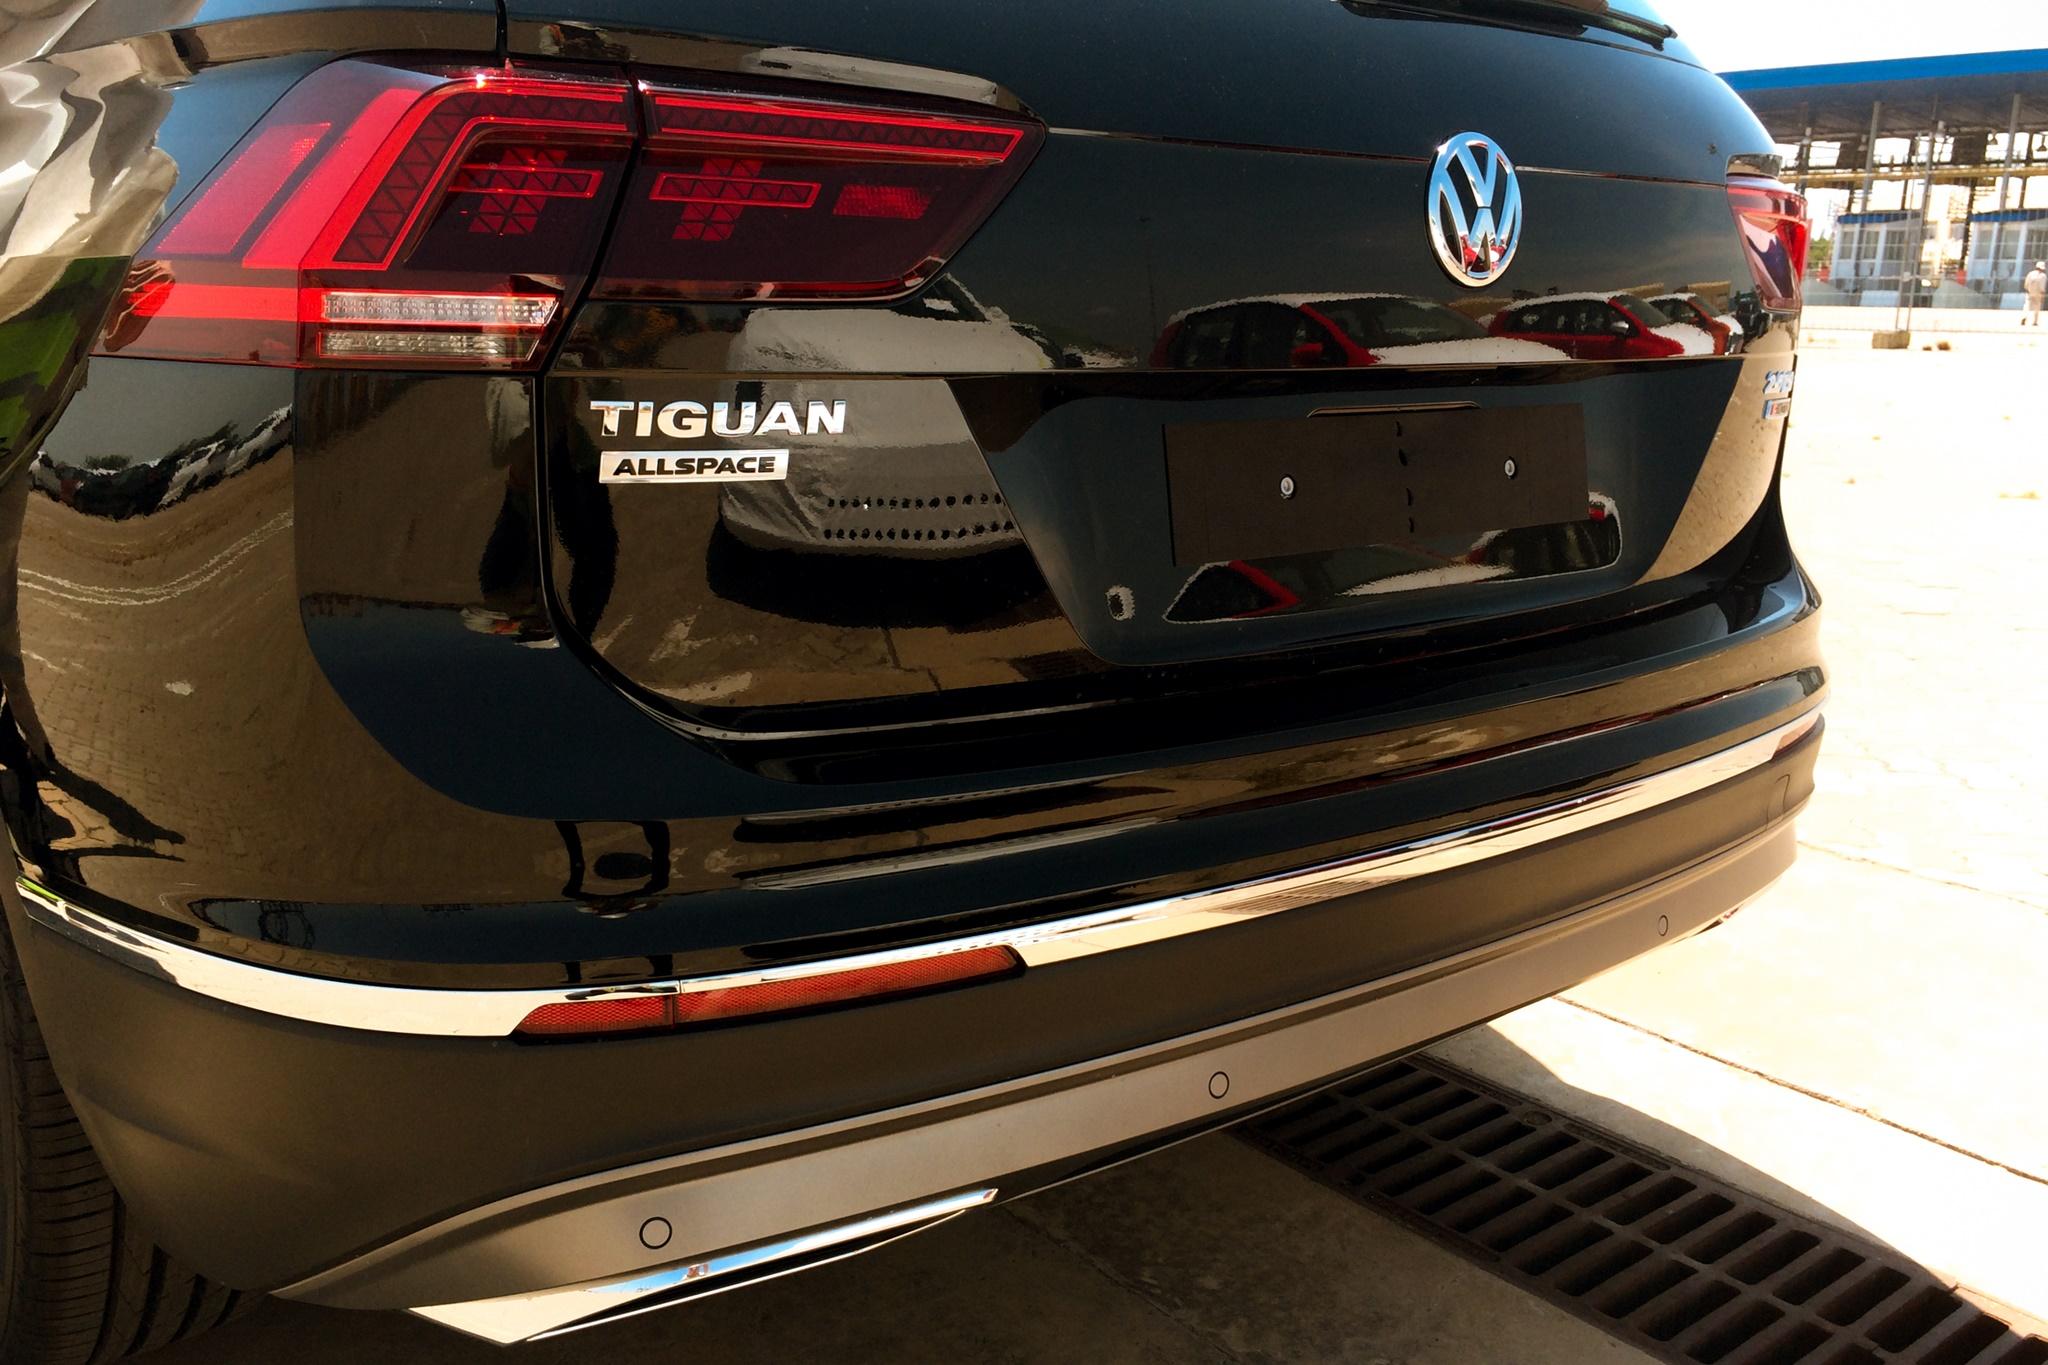 VW_Tiguan_Allspace_2018_Xe_Tinhte-002.JPG